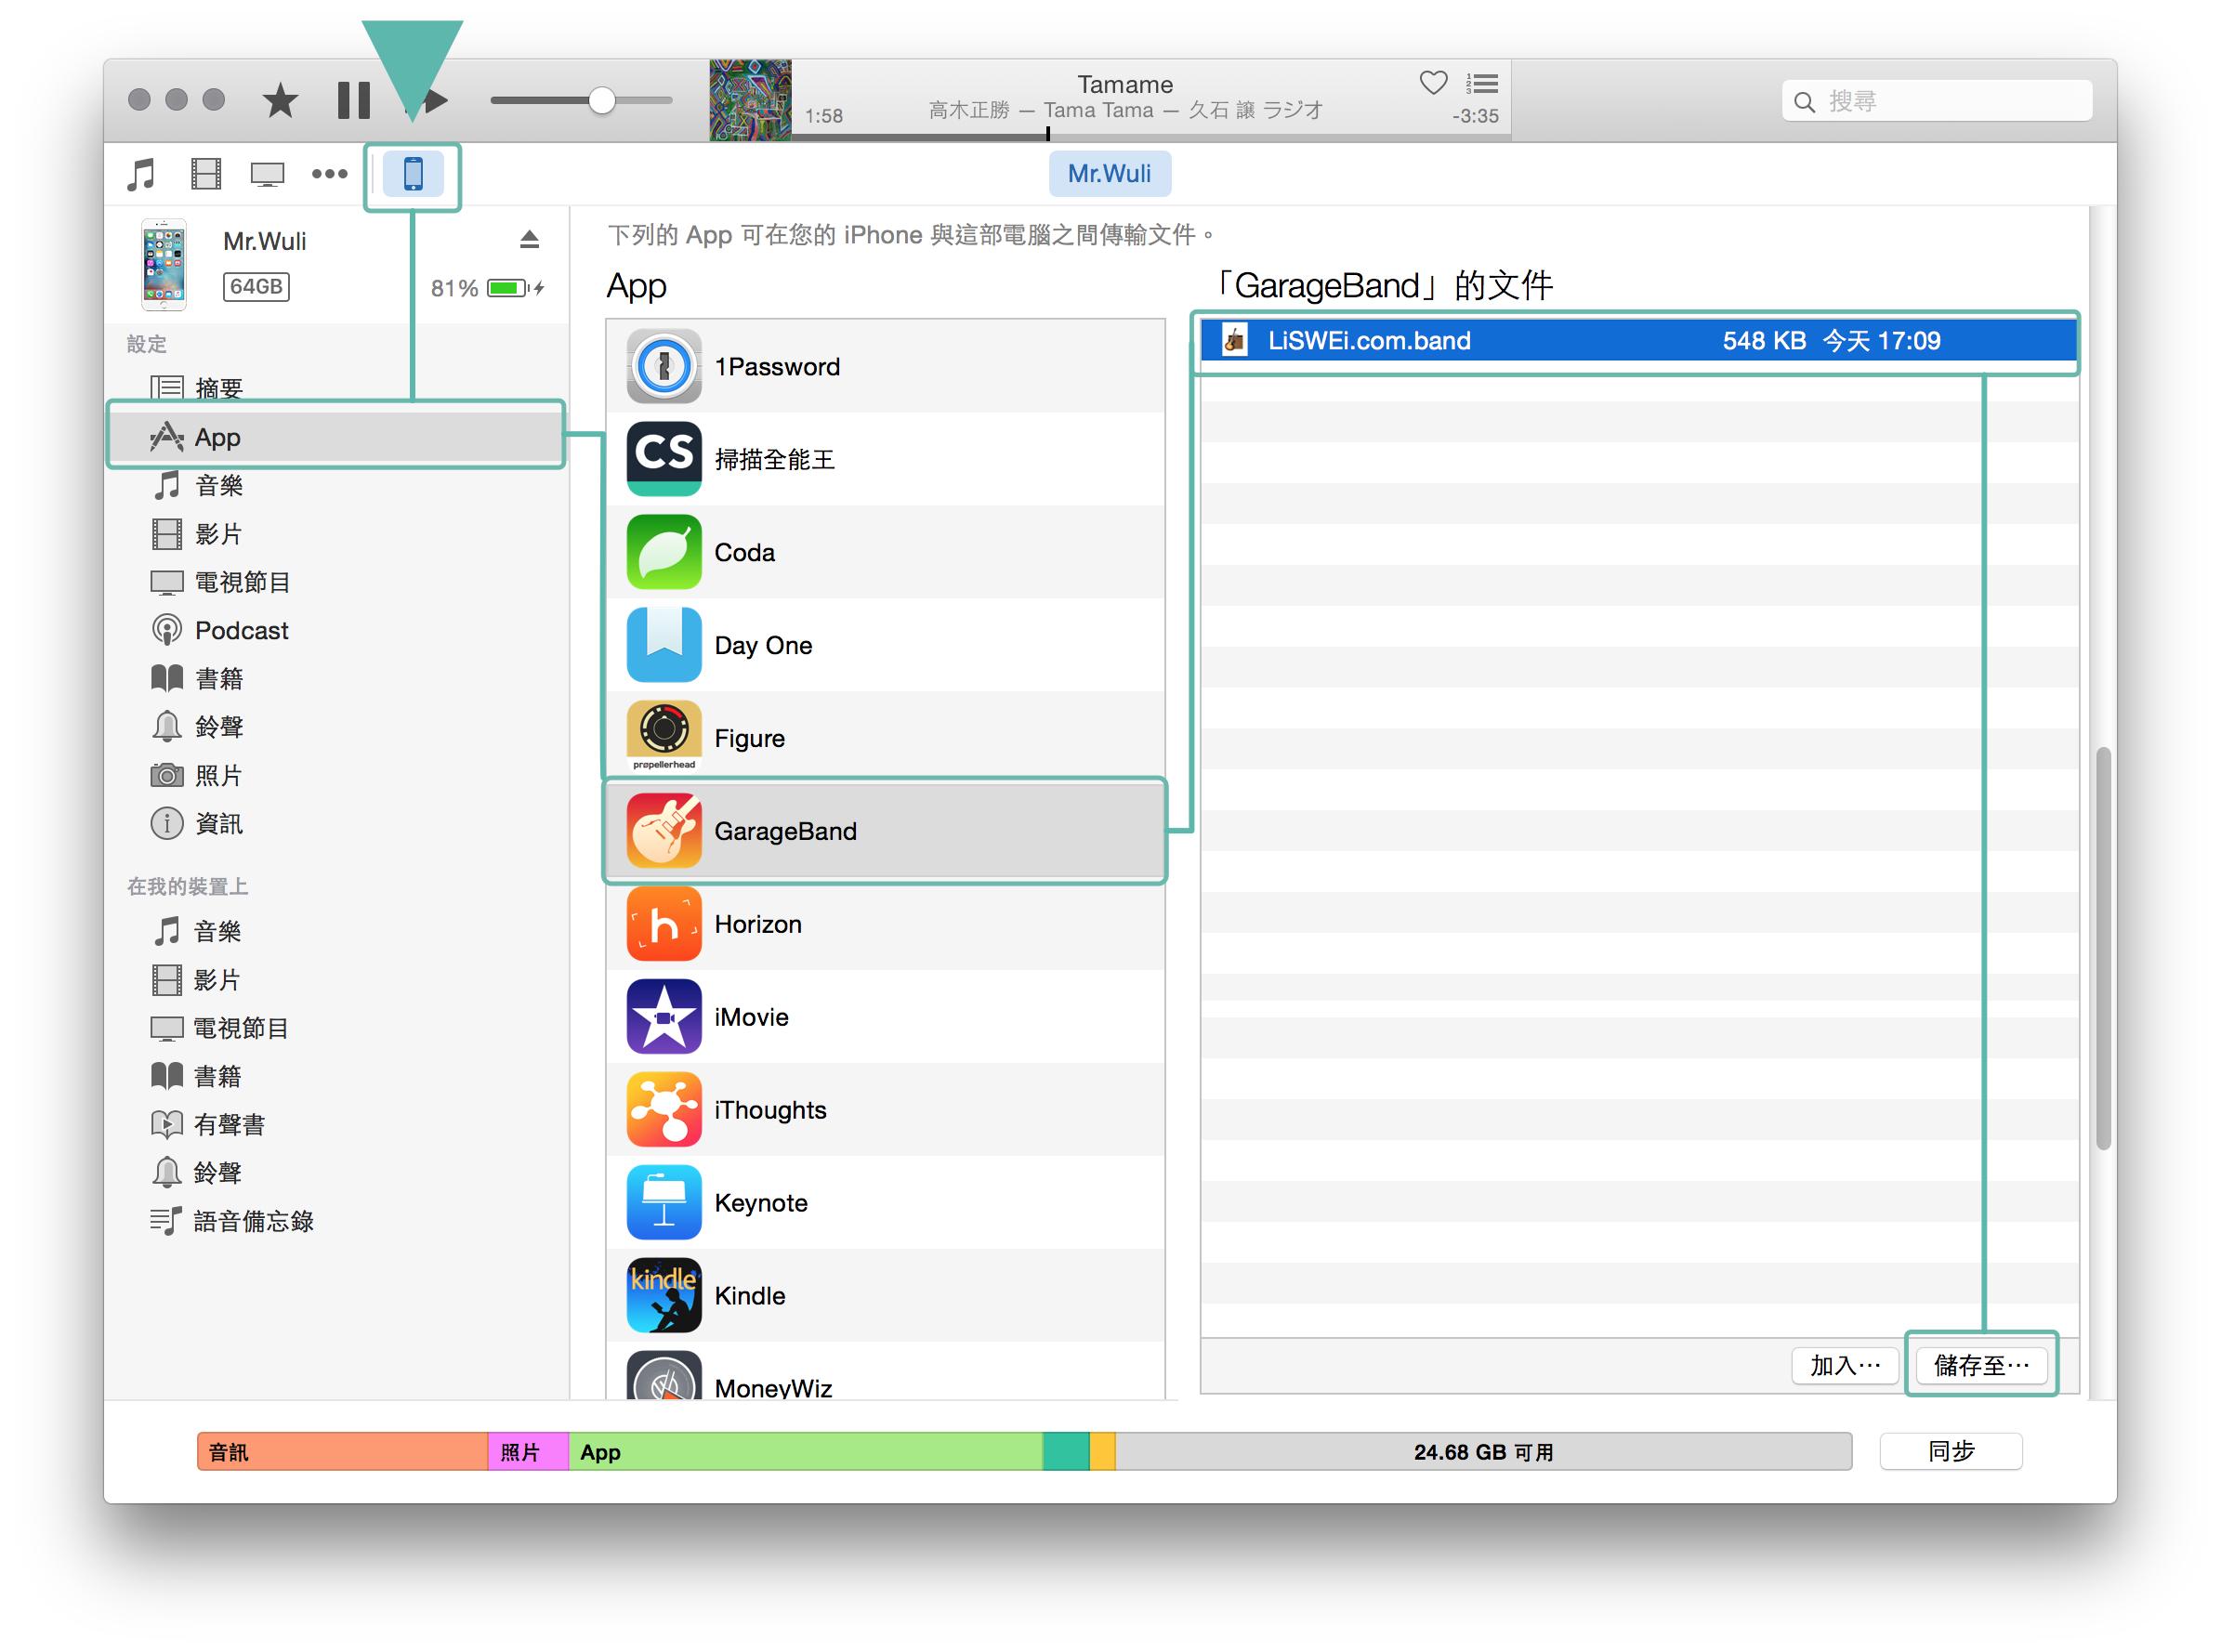 只要照著上面的設定步驟再將手機平板連接到 MacBook 或是 Mac mini 上後就可以看見你的音樂檔案了。